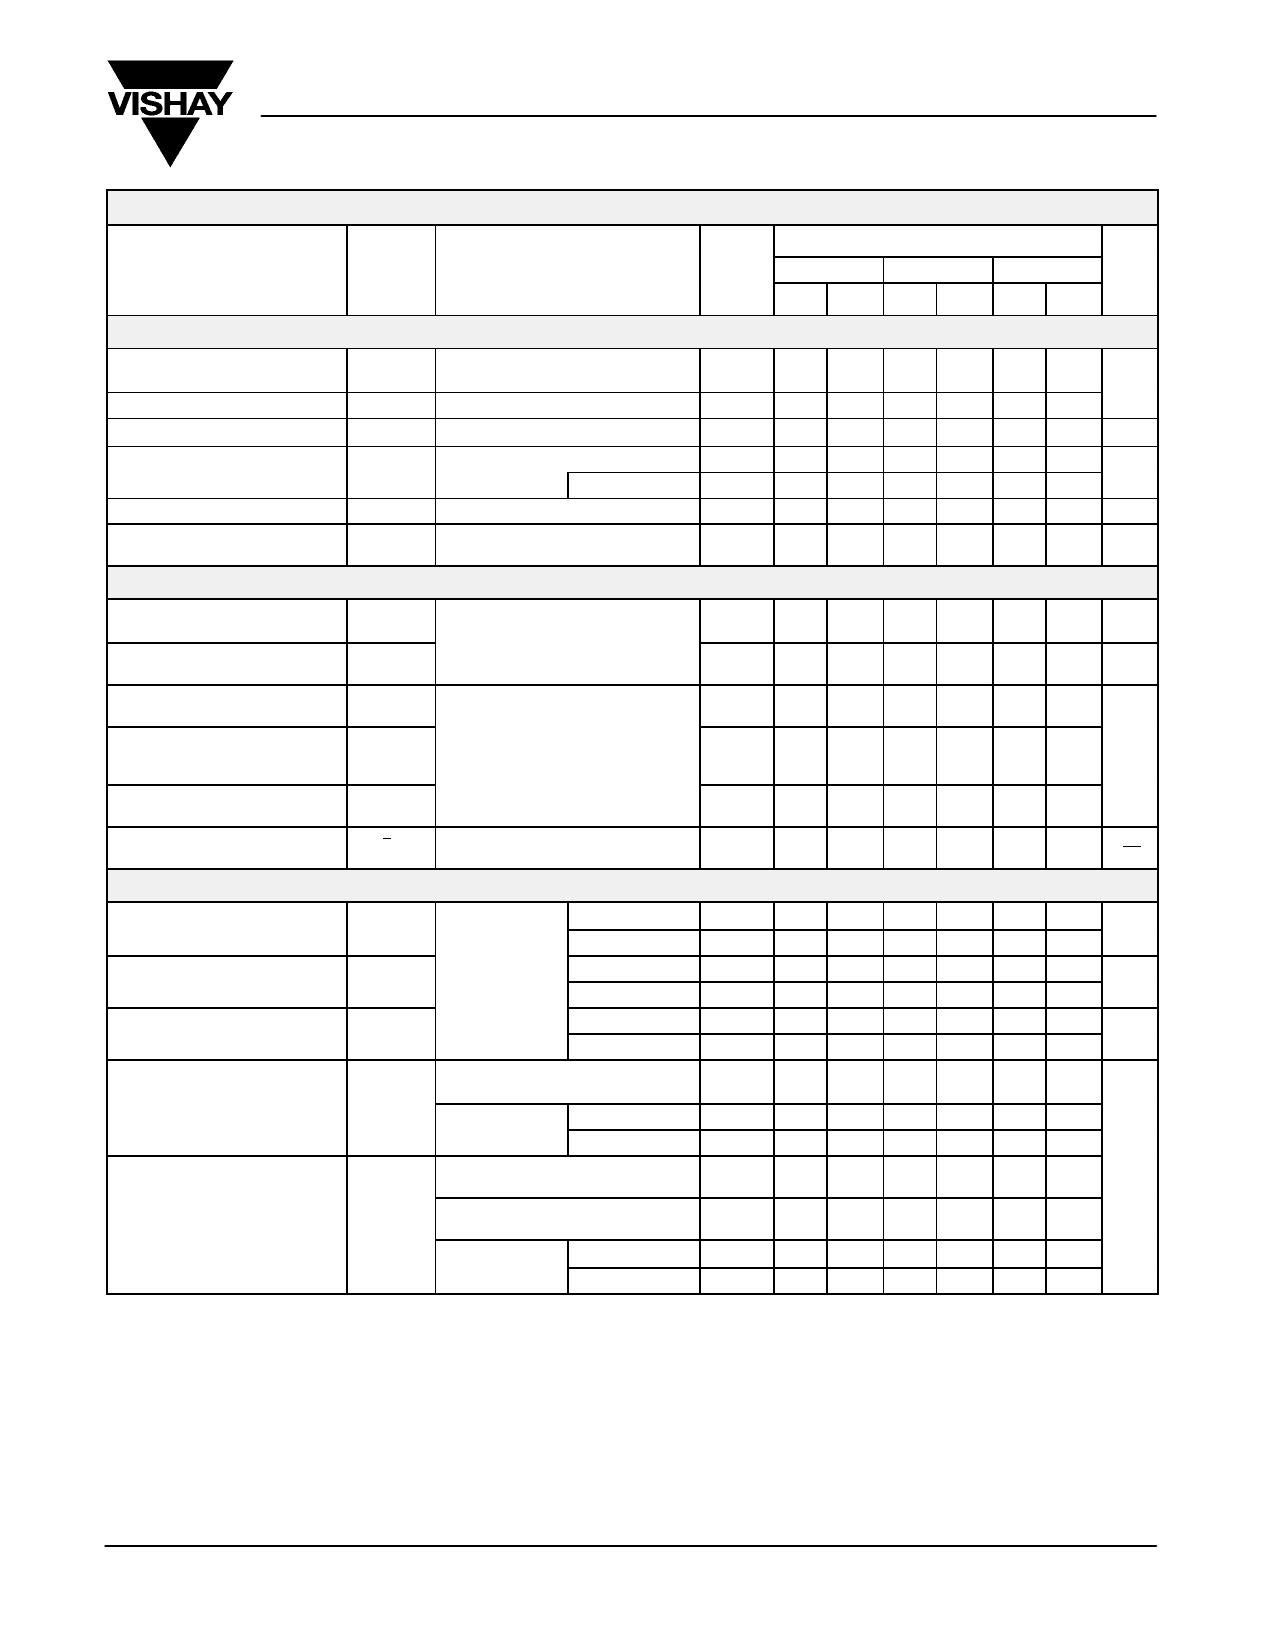 2N5485 pdf, ピン配列